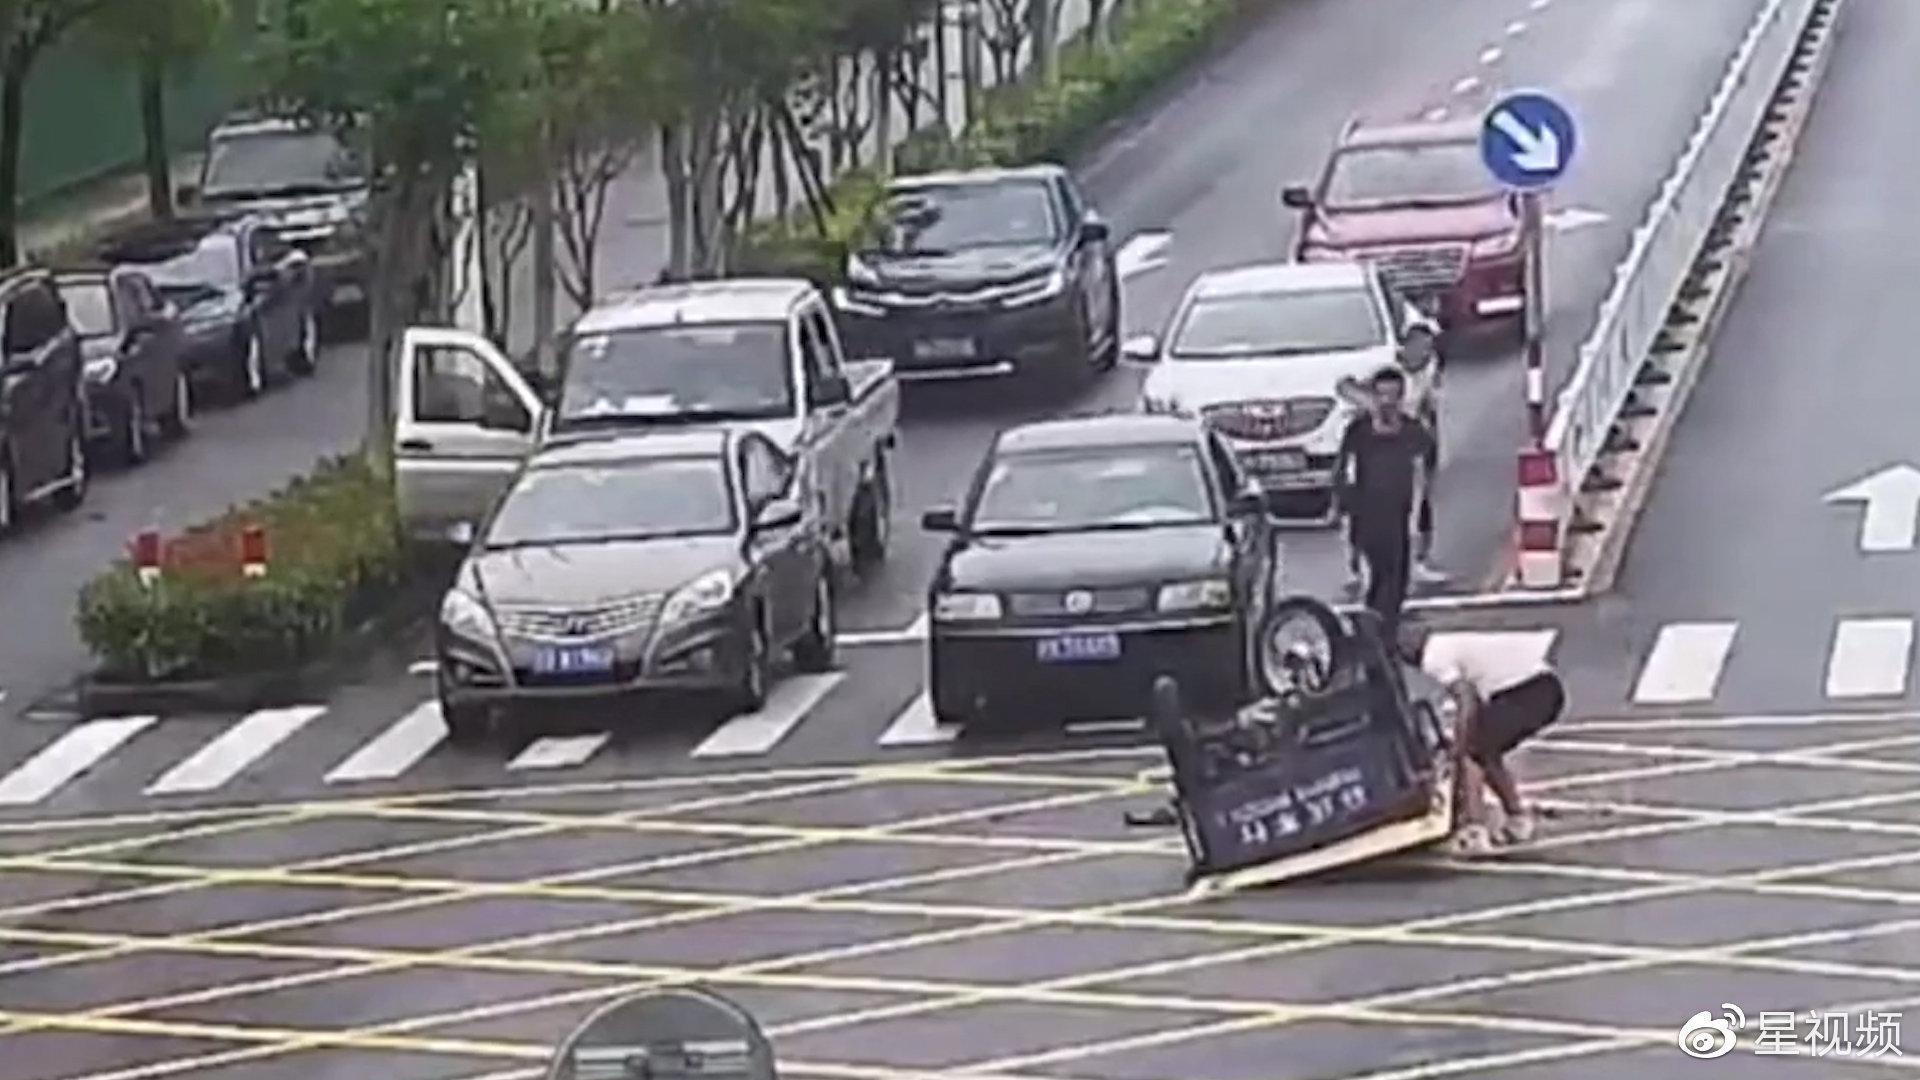 三轮车路口侧翻司机被扣压车底,随后冲来11人上演温馨一幕